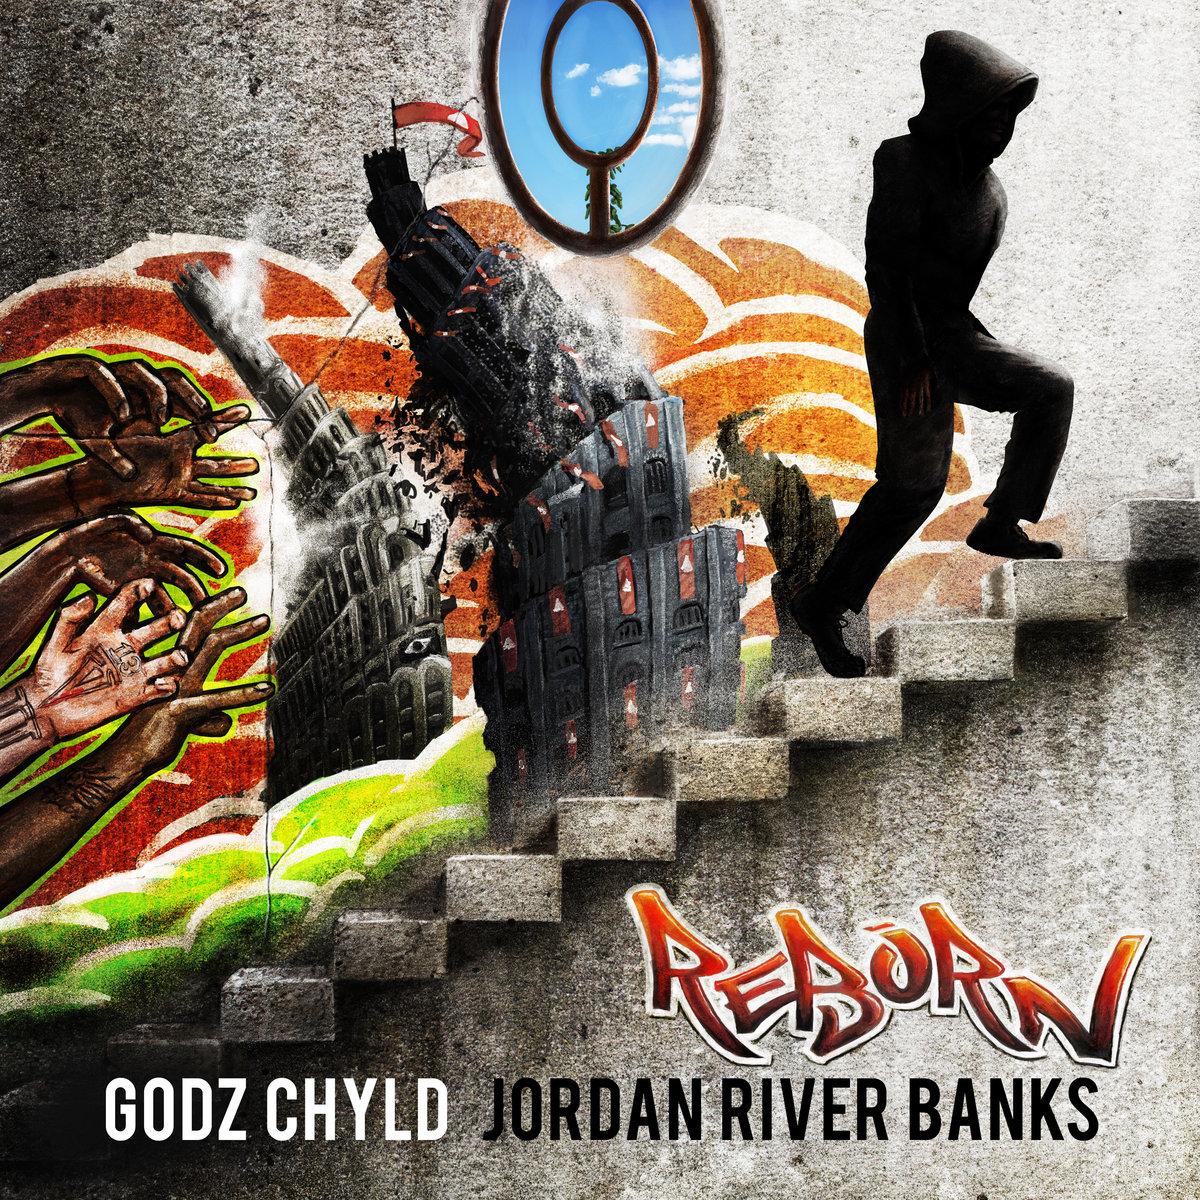 Godz Chyld x Jordan River Banks - Reborn EP